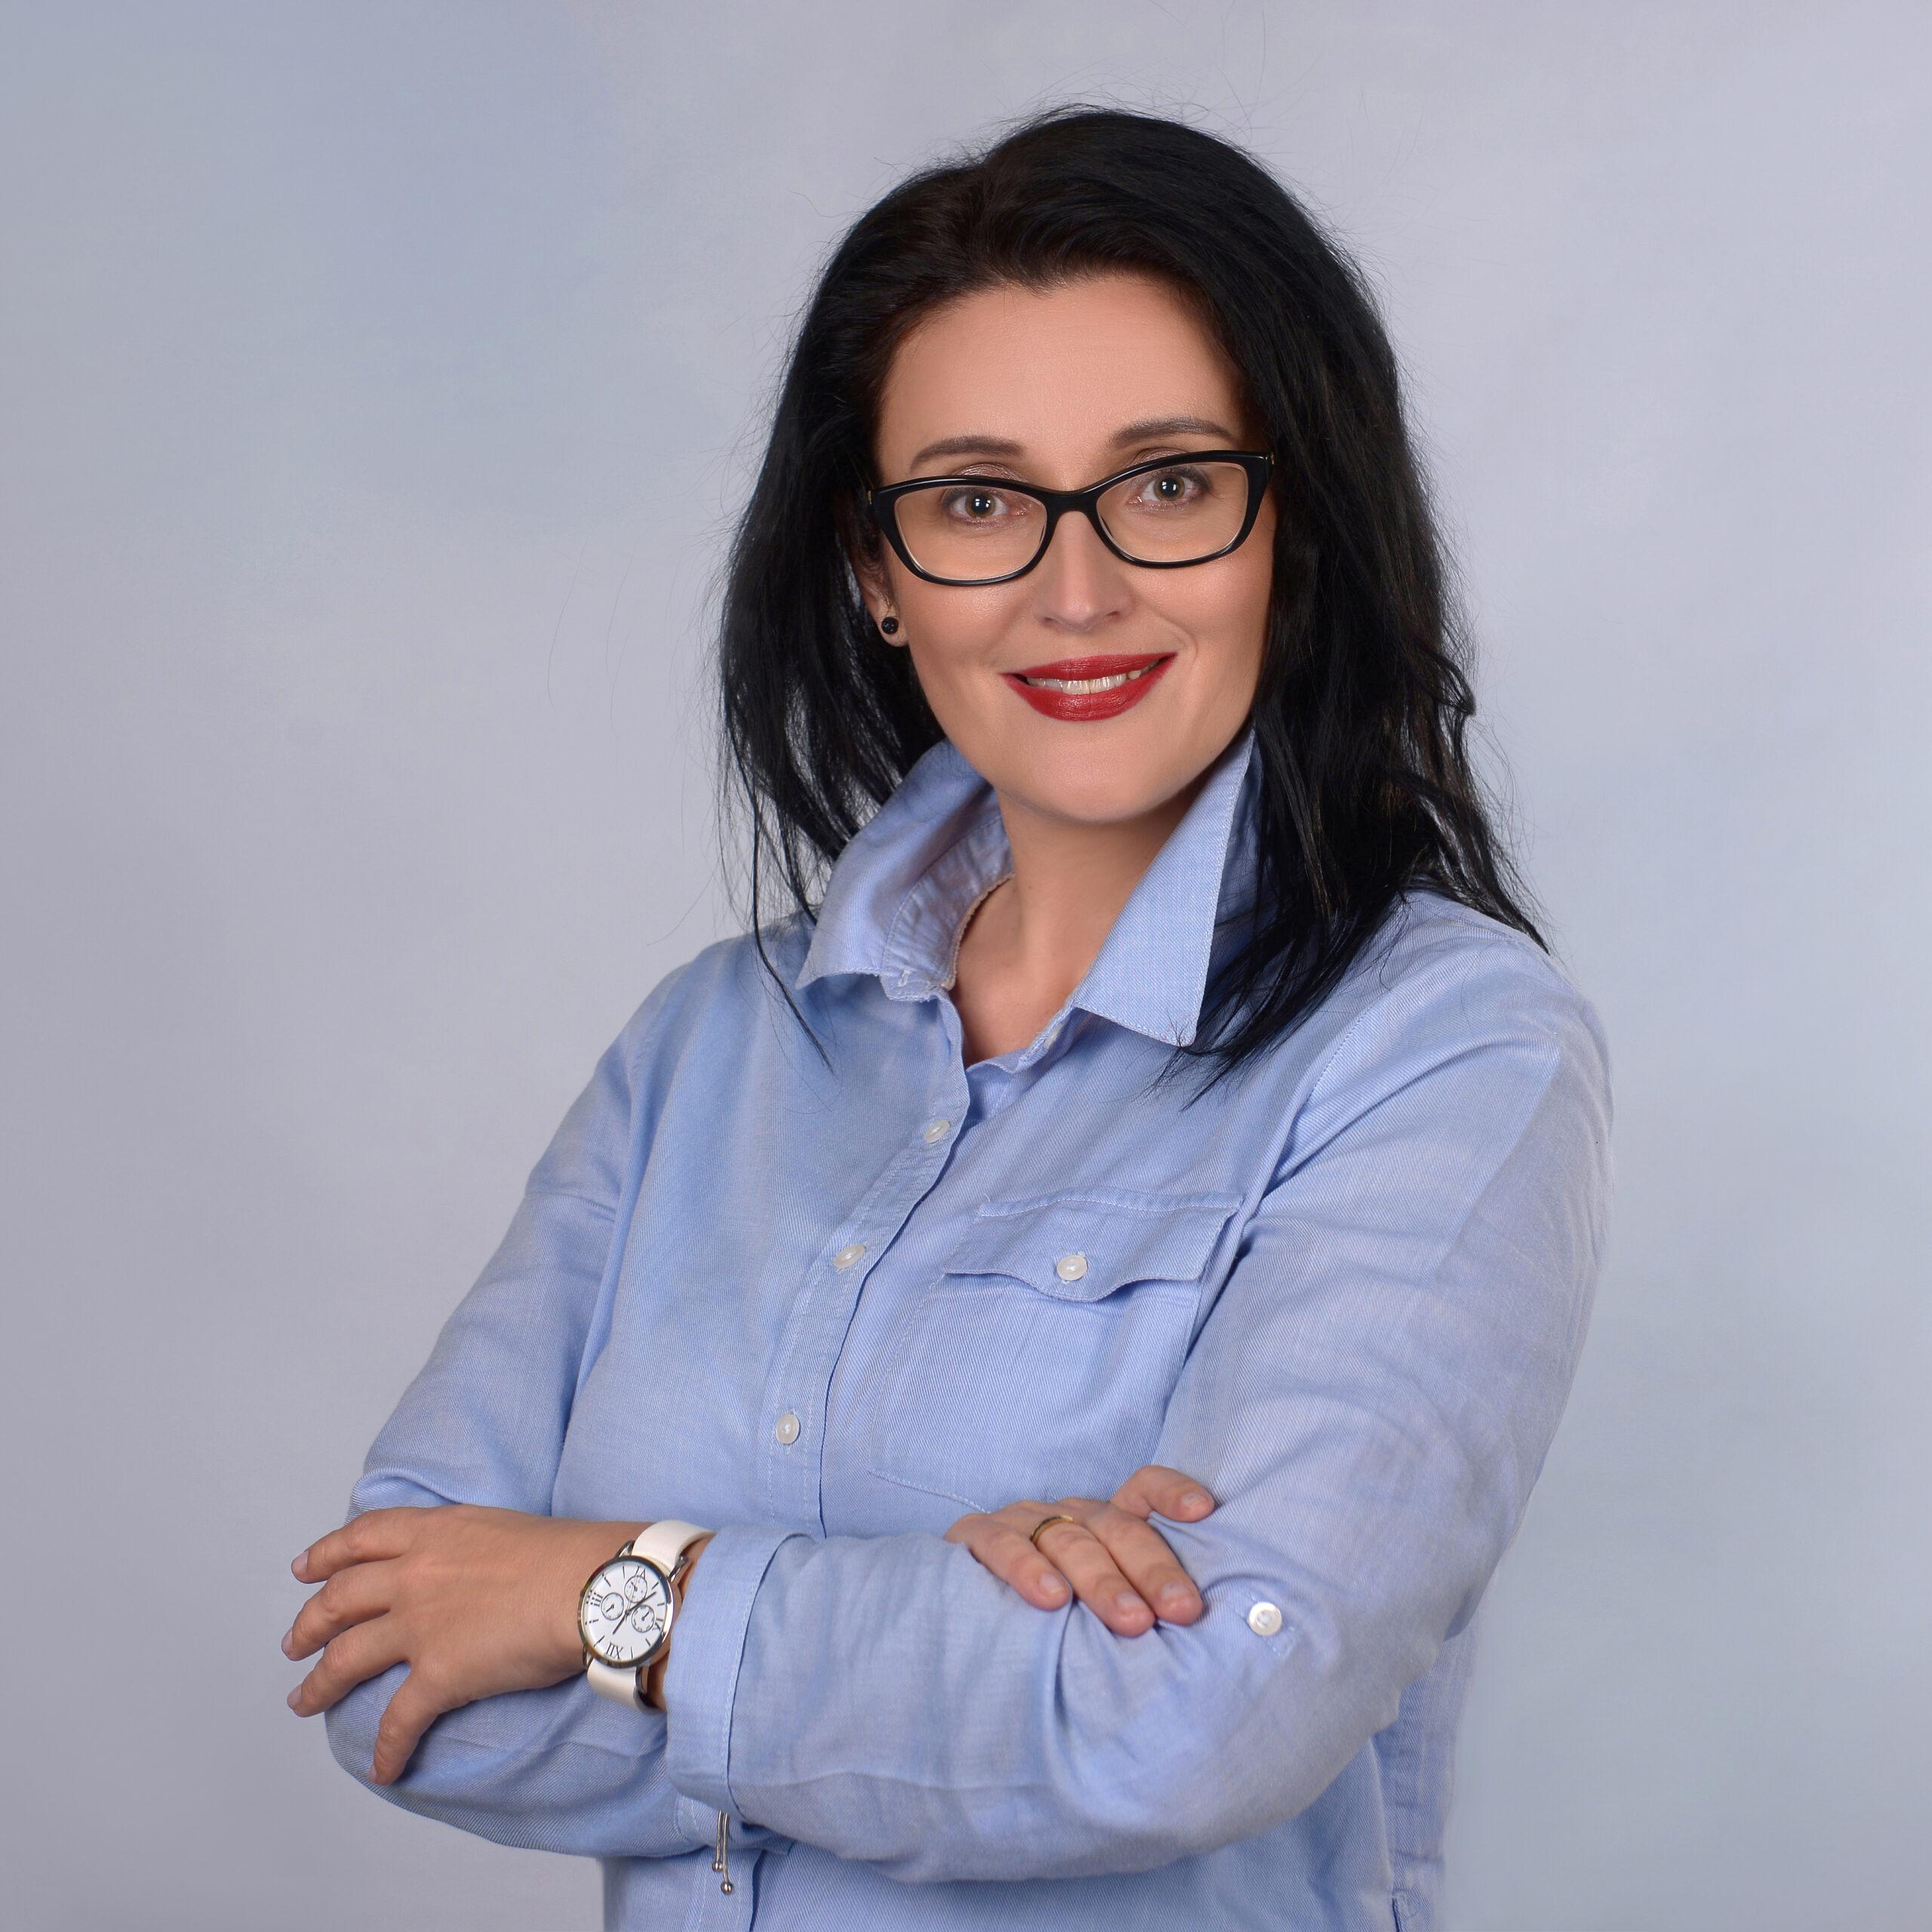 Jolanta Grochala